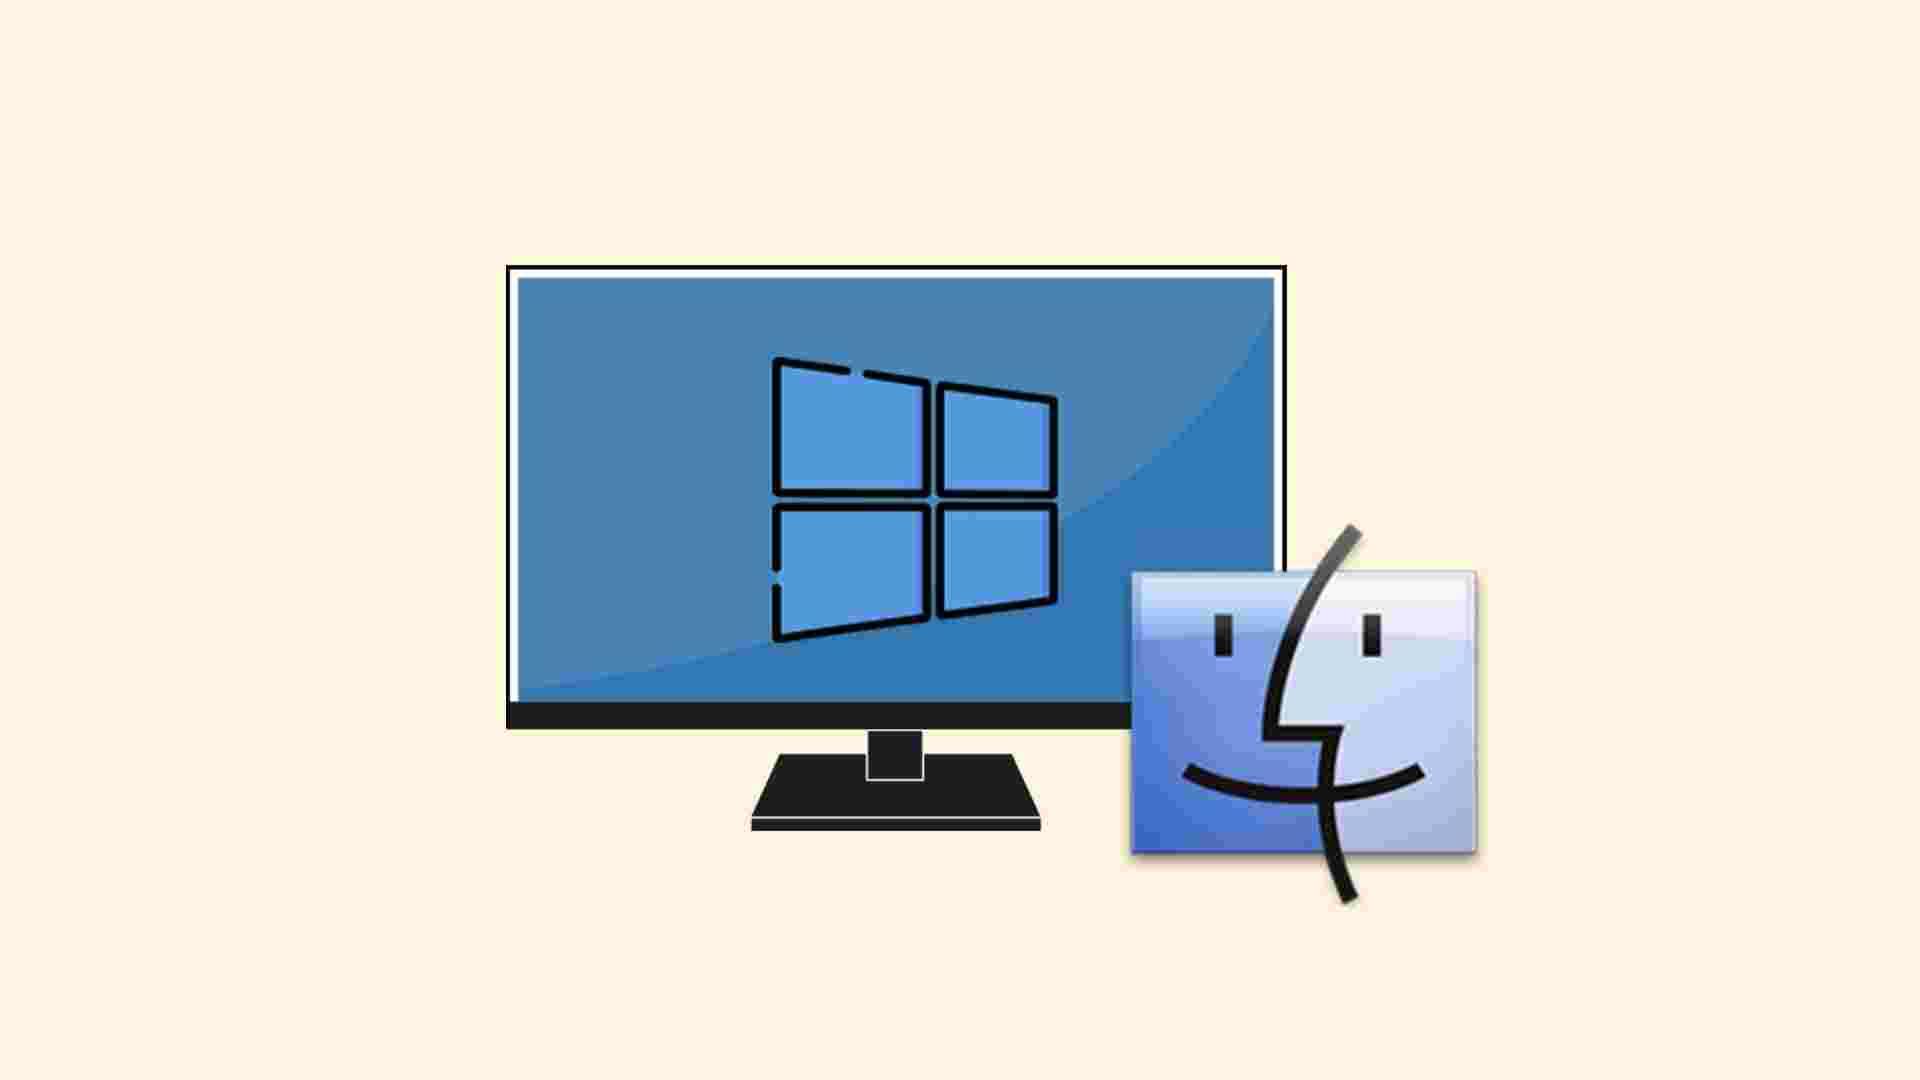 نصب سیستم عامل macOS بر روی ویندوز | نصب مک اوس